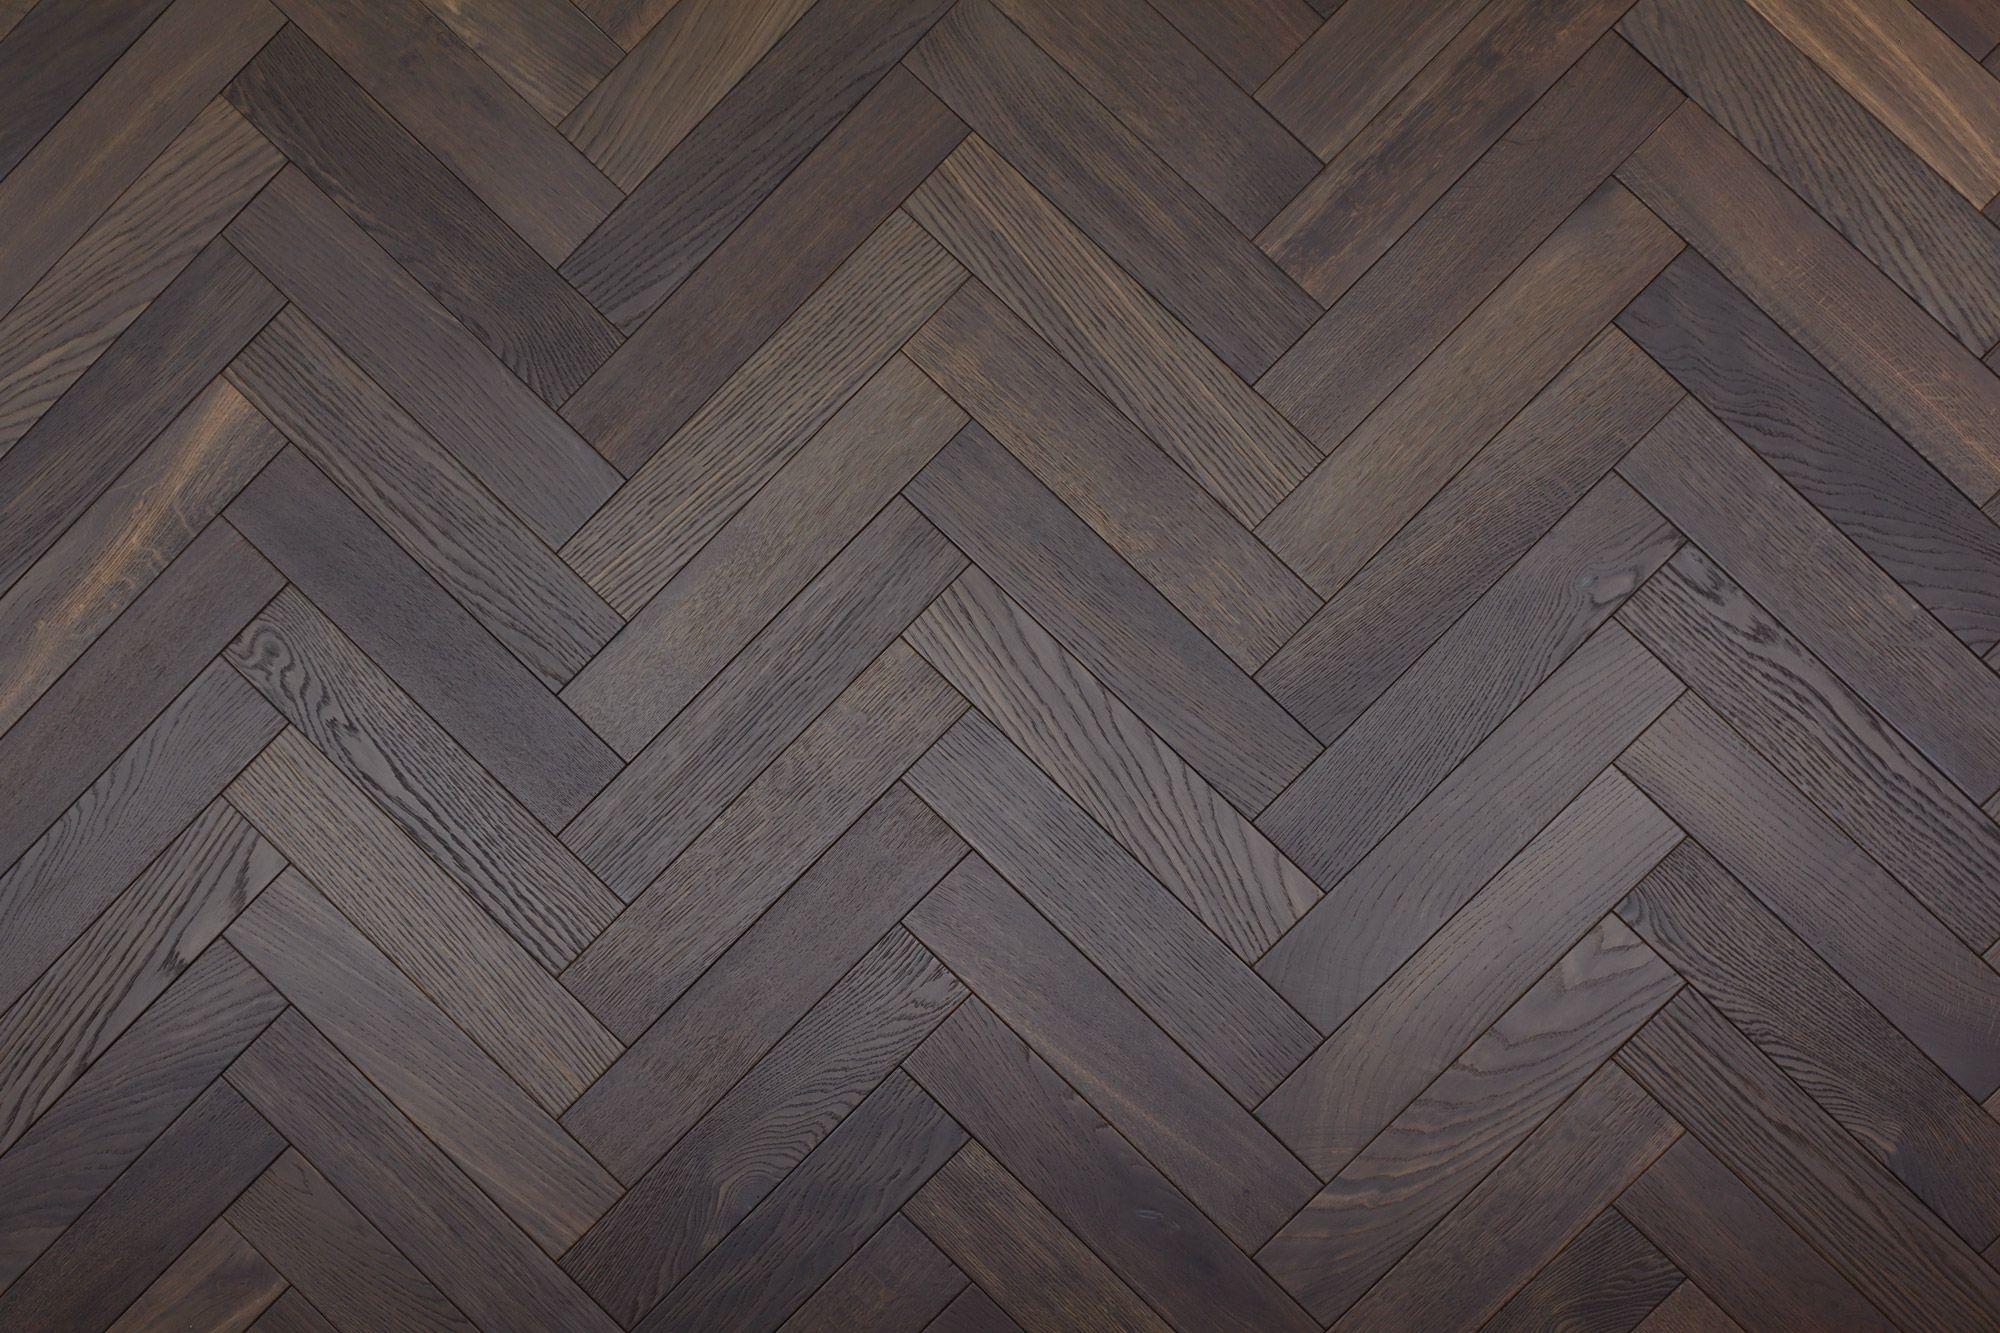 Parisian Oak Herringbone Element7 Engineered wood